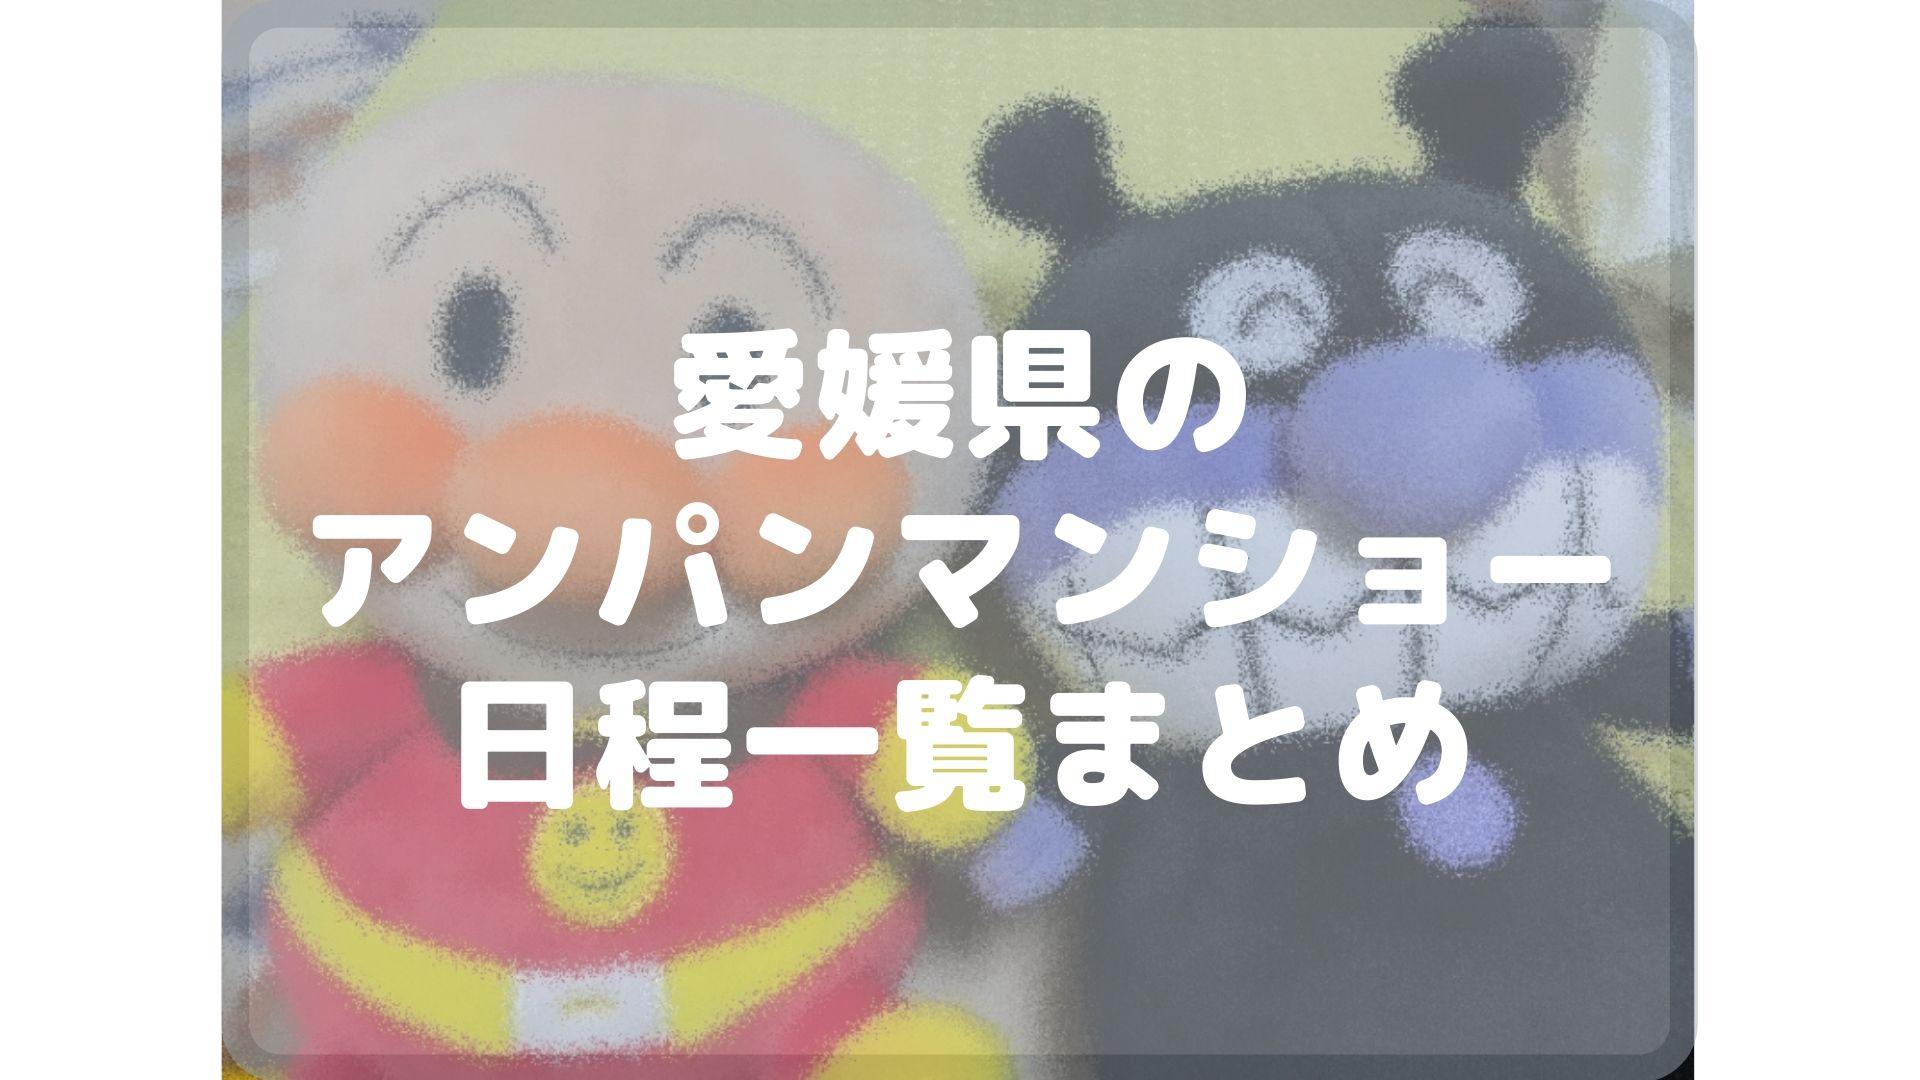 愛媛県のアンパンマンショーまとめタイトル画像